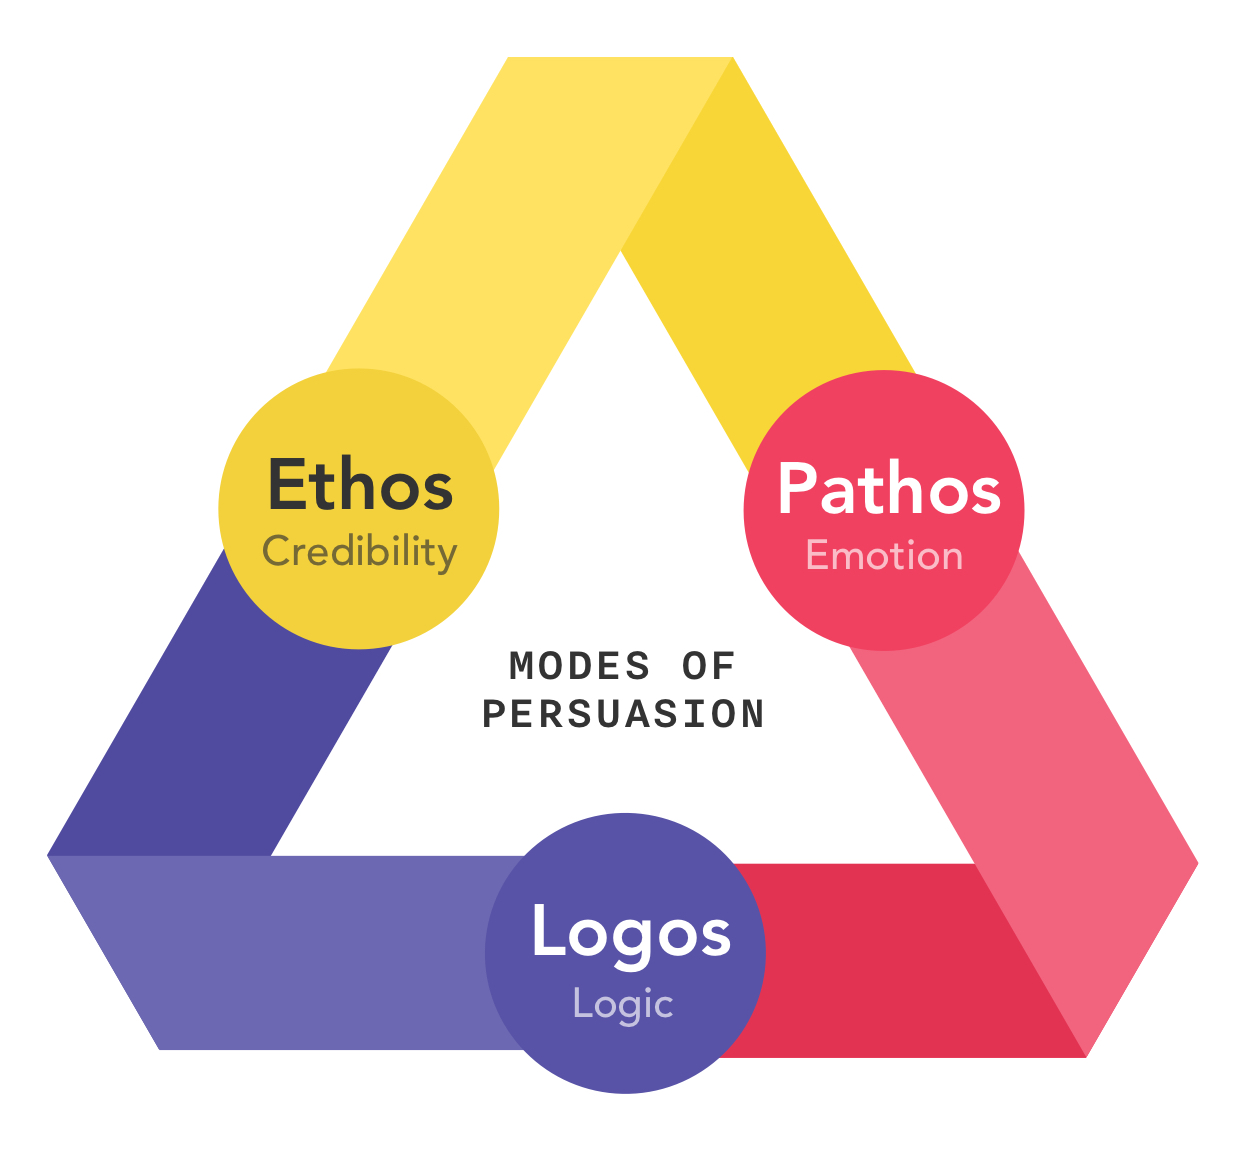 Modes of Persuasion: Ethos, Pathos, Logos